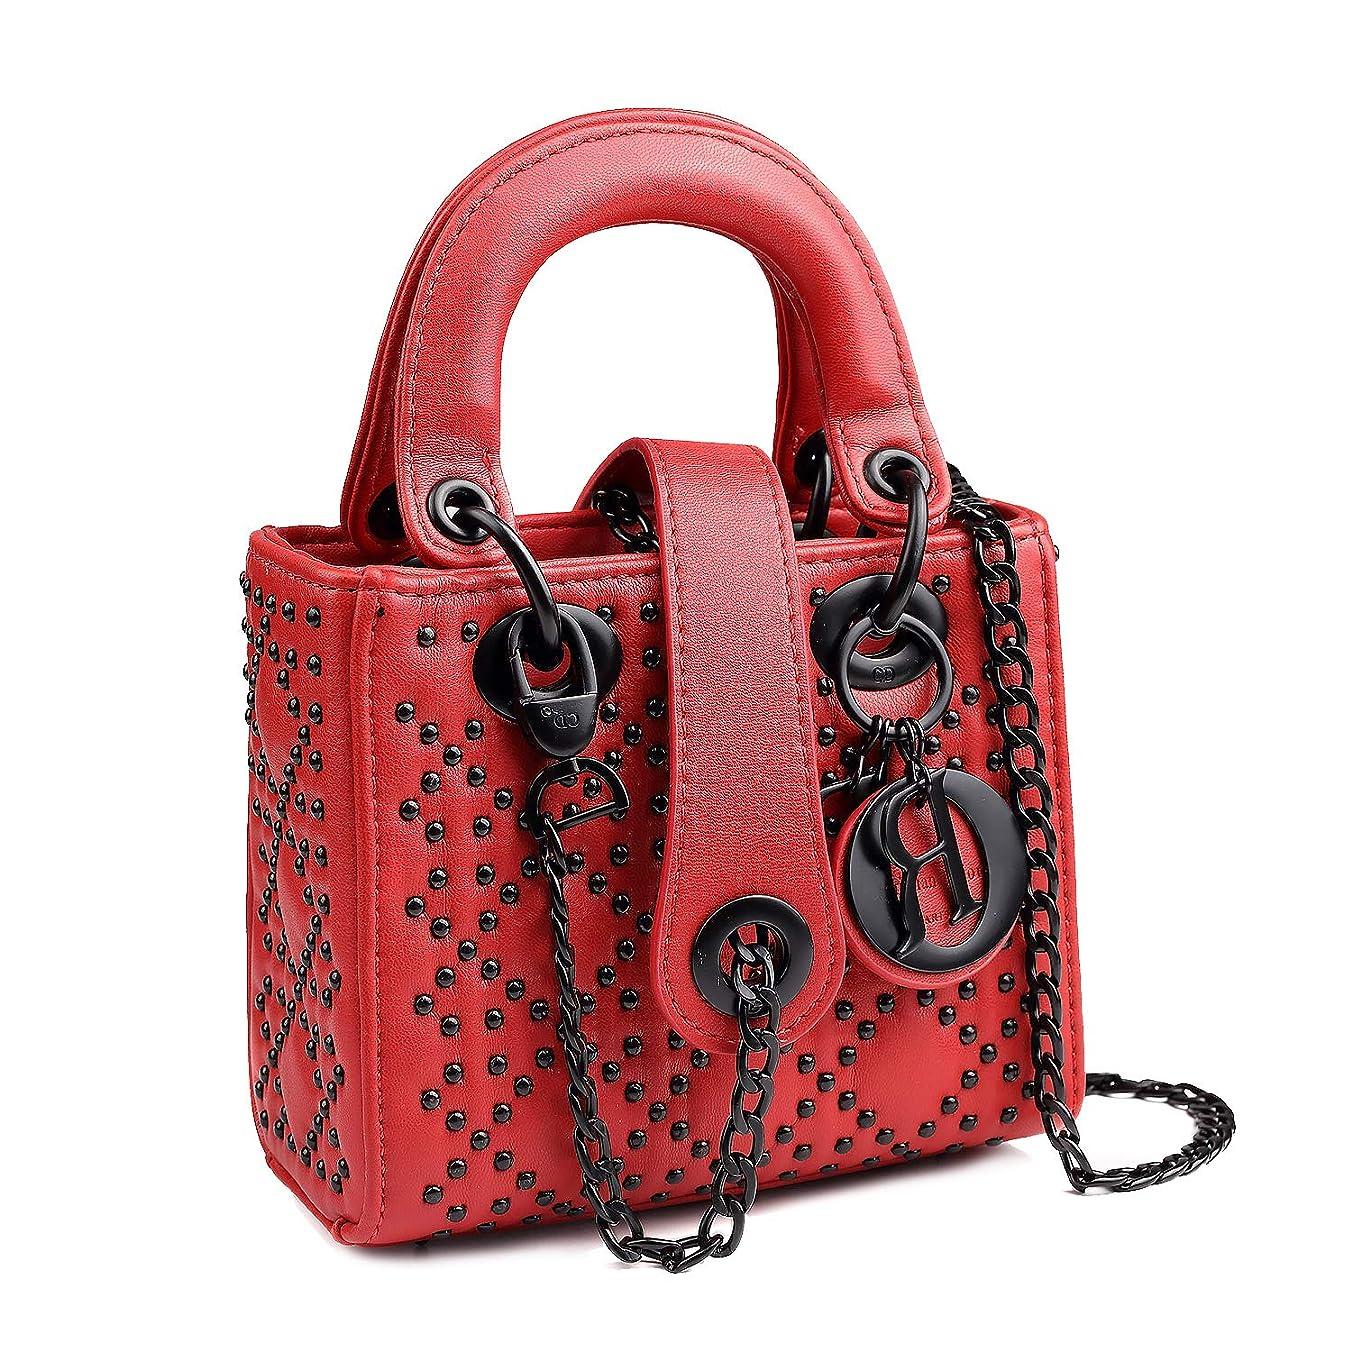 ヒューバートハドソン素敵なディレクトリショルダーバッグ メッセンジャーバッグ 斜めかけバッグ バッグ チェーン ミニバッグ LADY 6611红